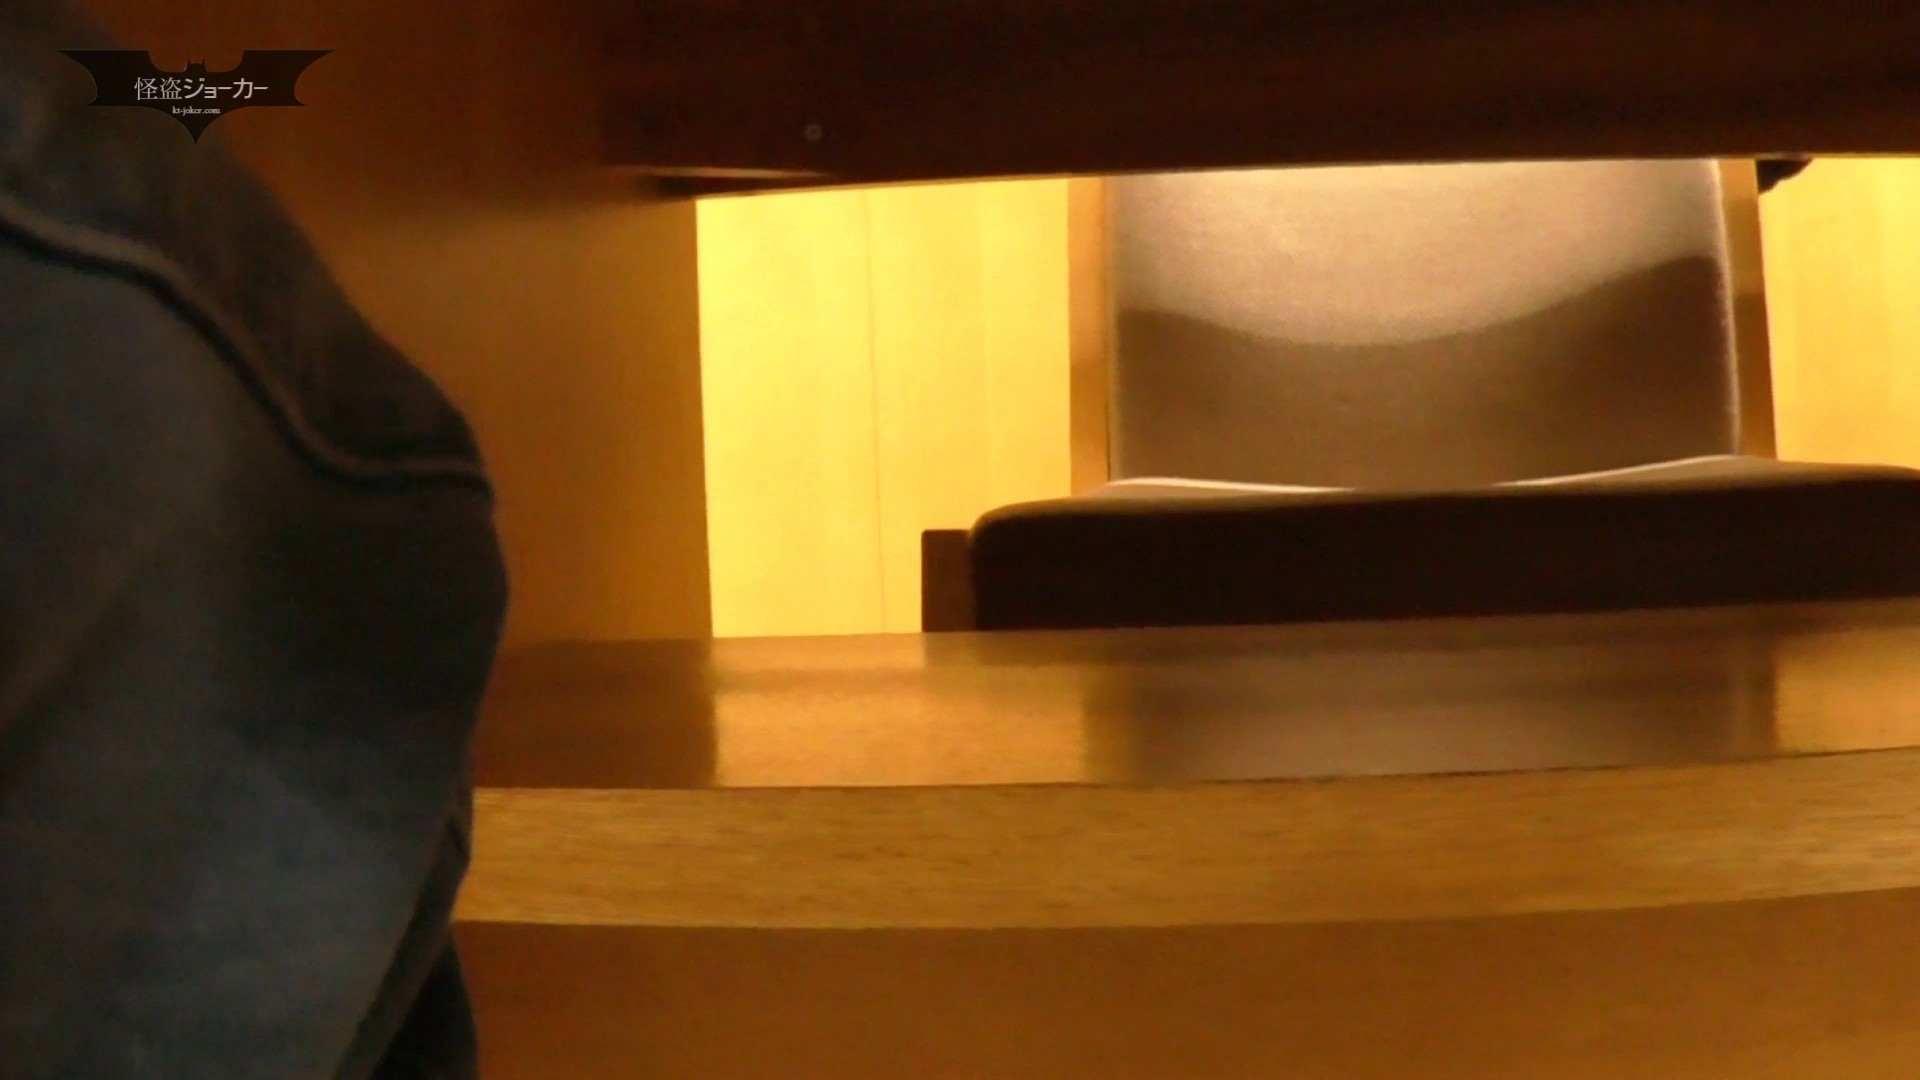 机の下の世界 Vol.04 生足はお好きですか? 盛合せ 濡れ場動画紹介 98枚 27